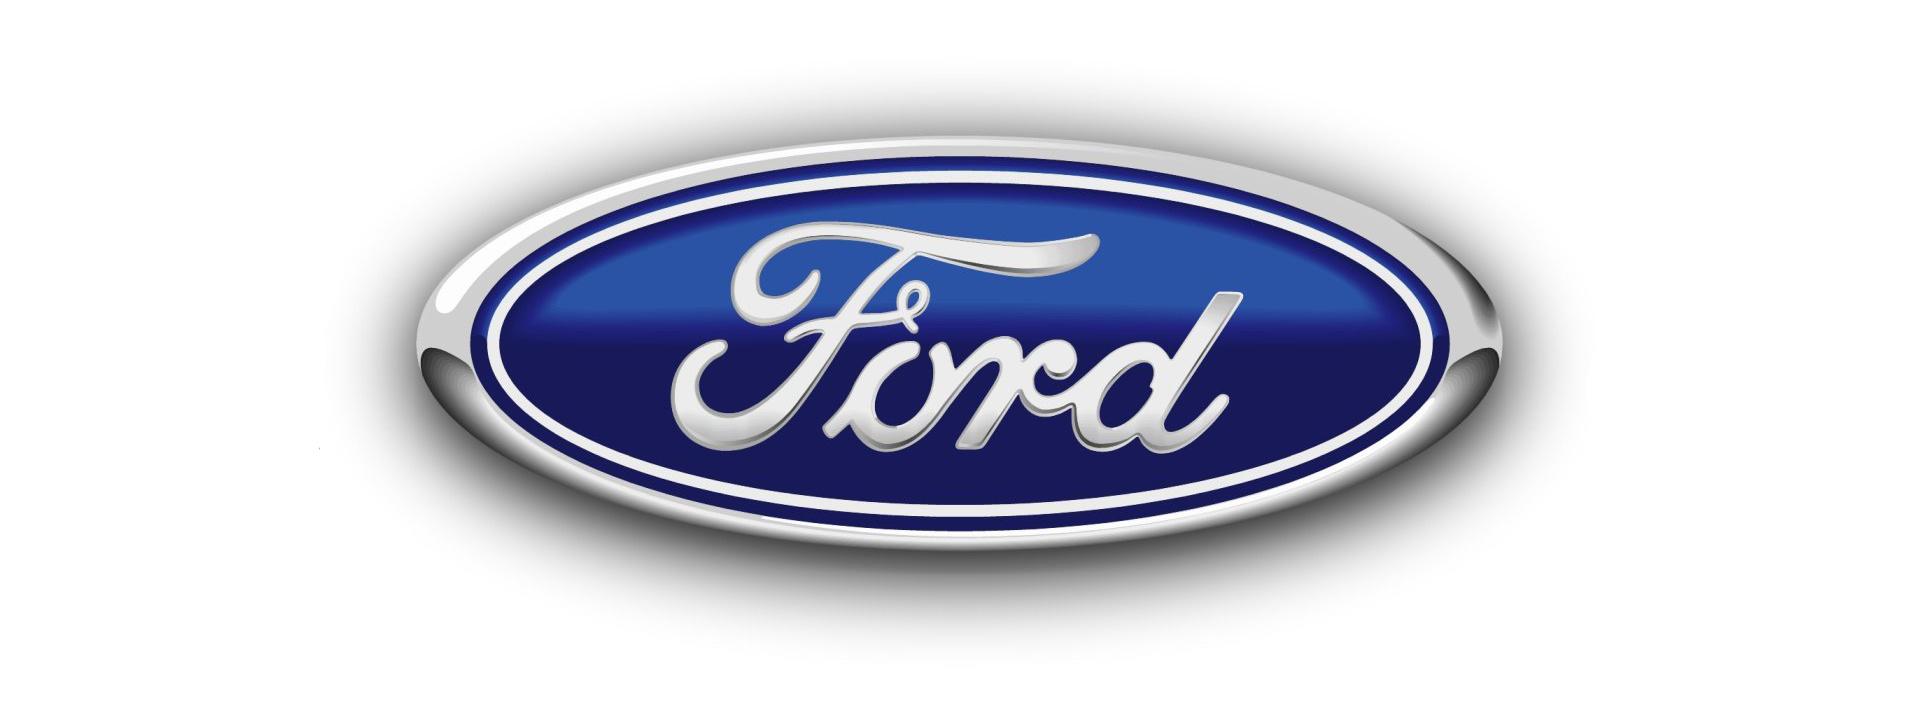 le logo ford les marques de voitures